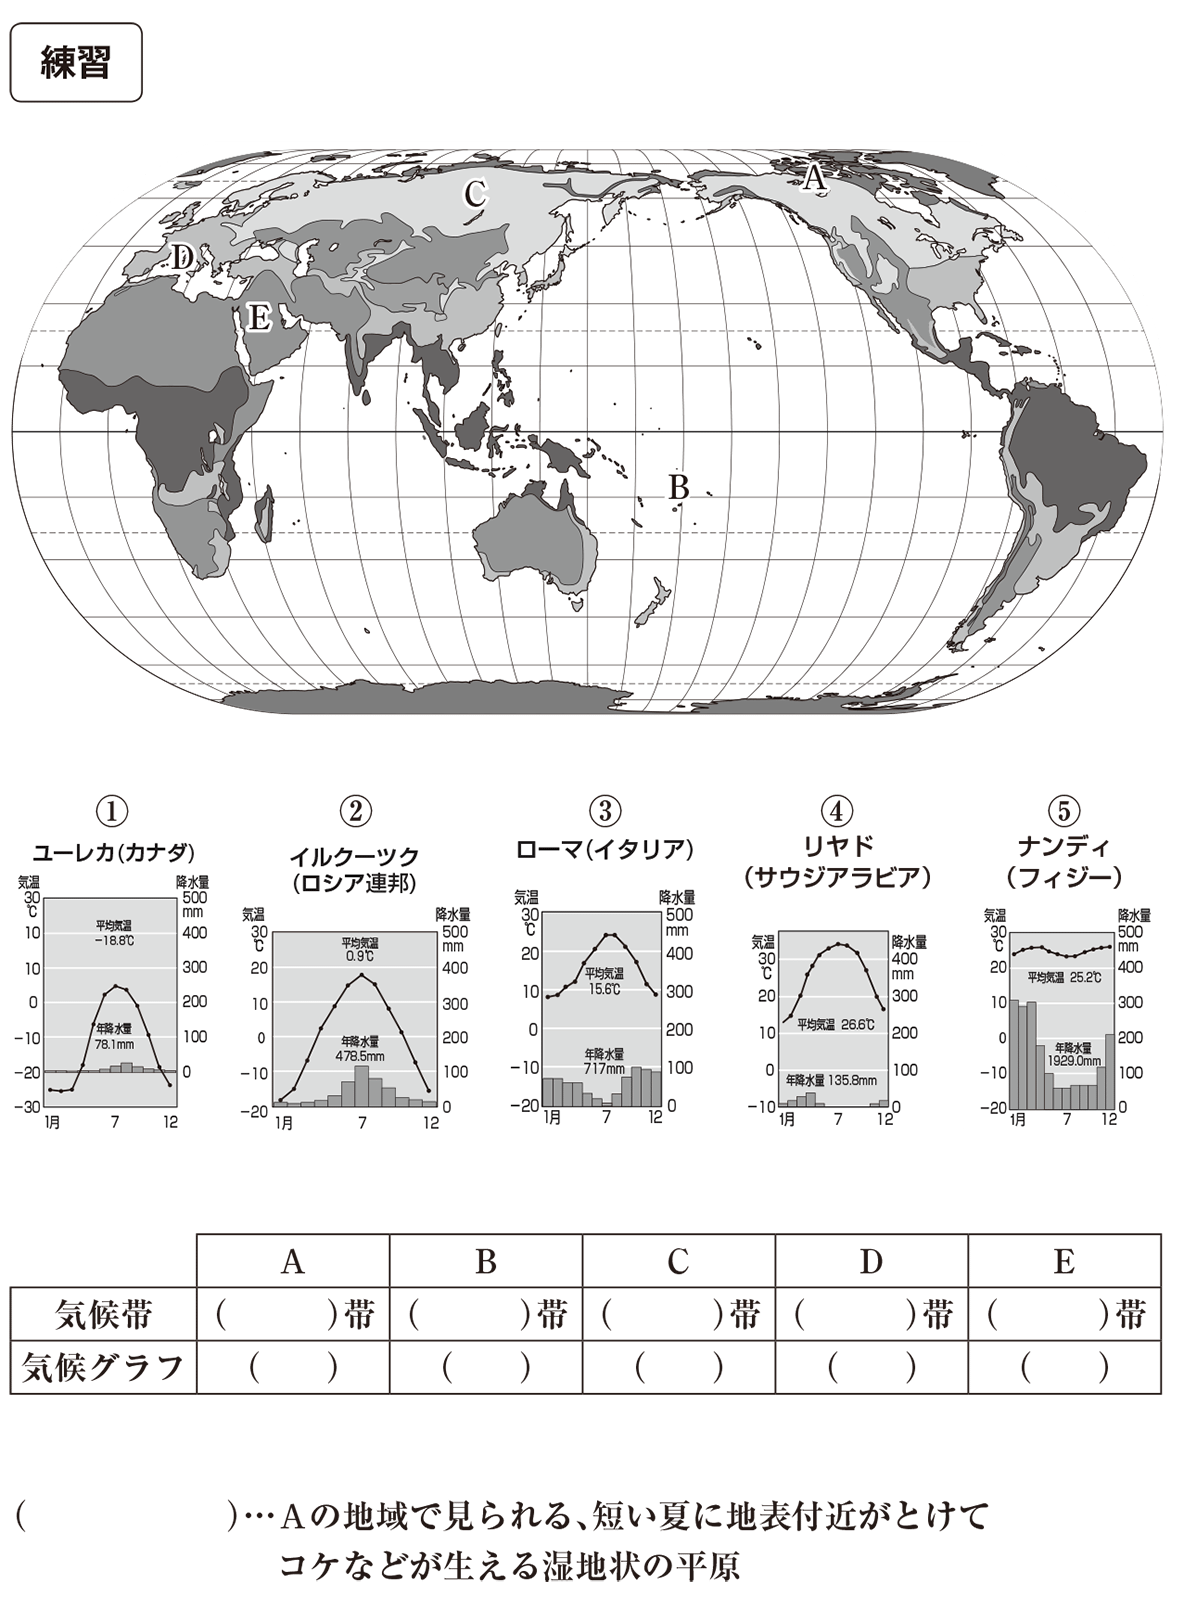 中学地理10 練習 カッコ空欄